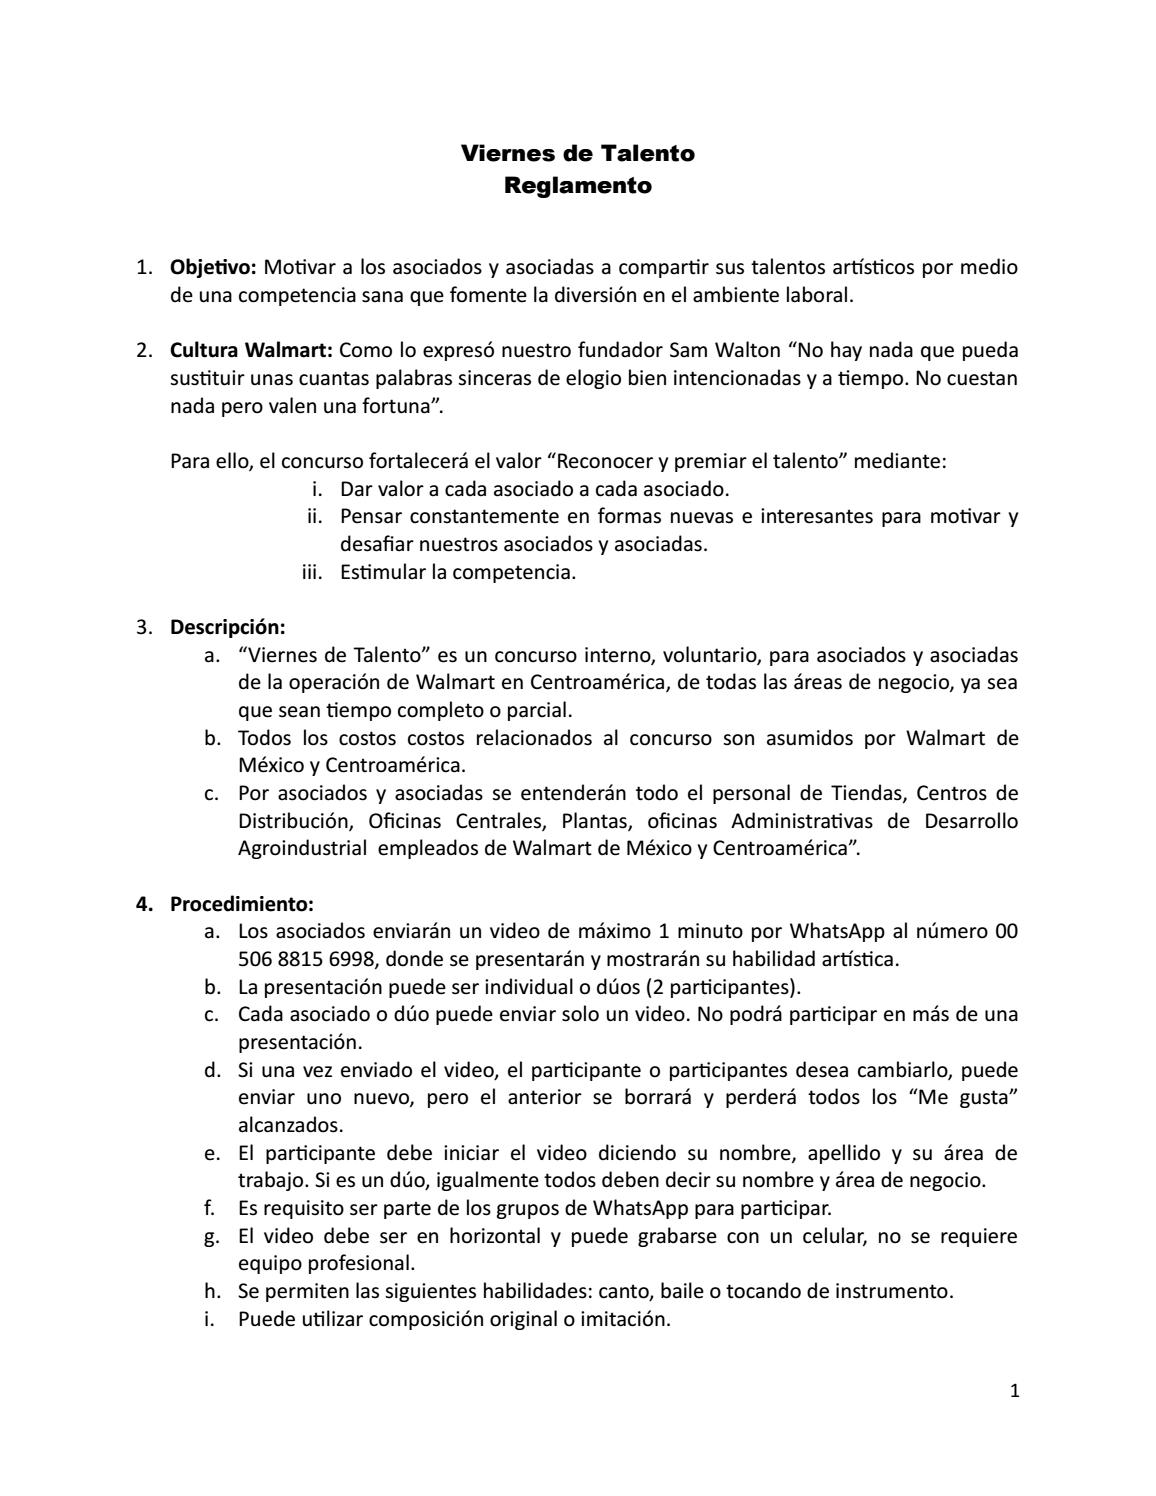 Reglamento interno walmart